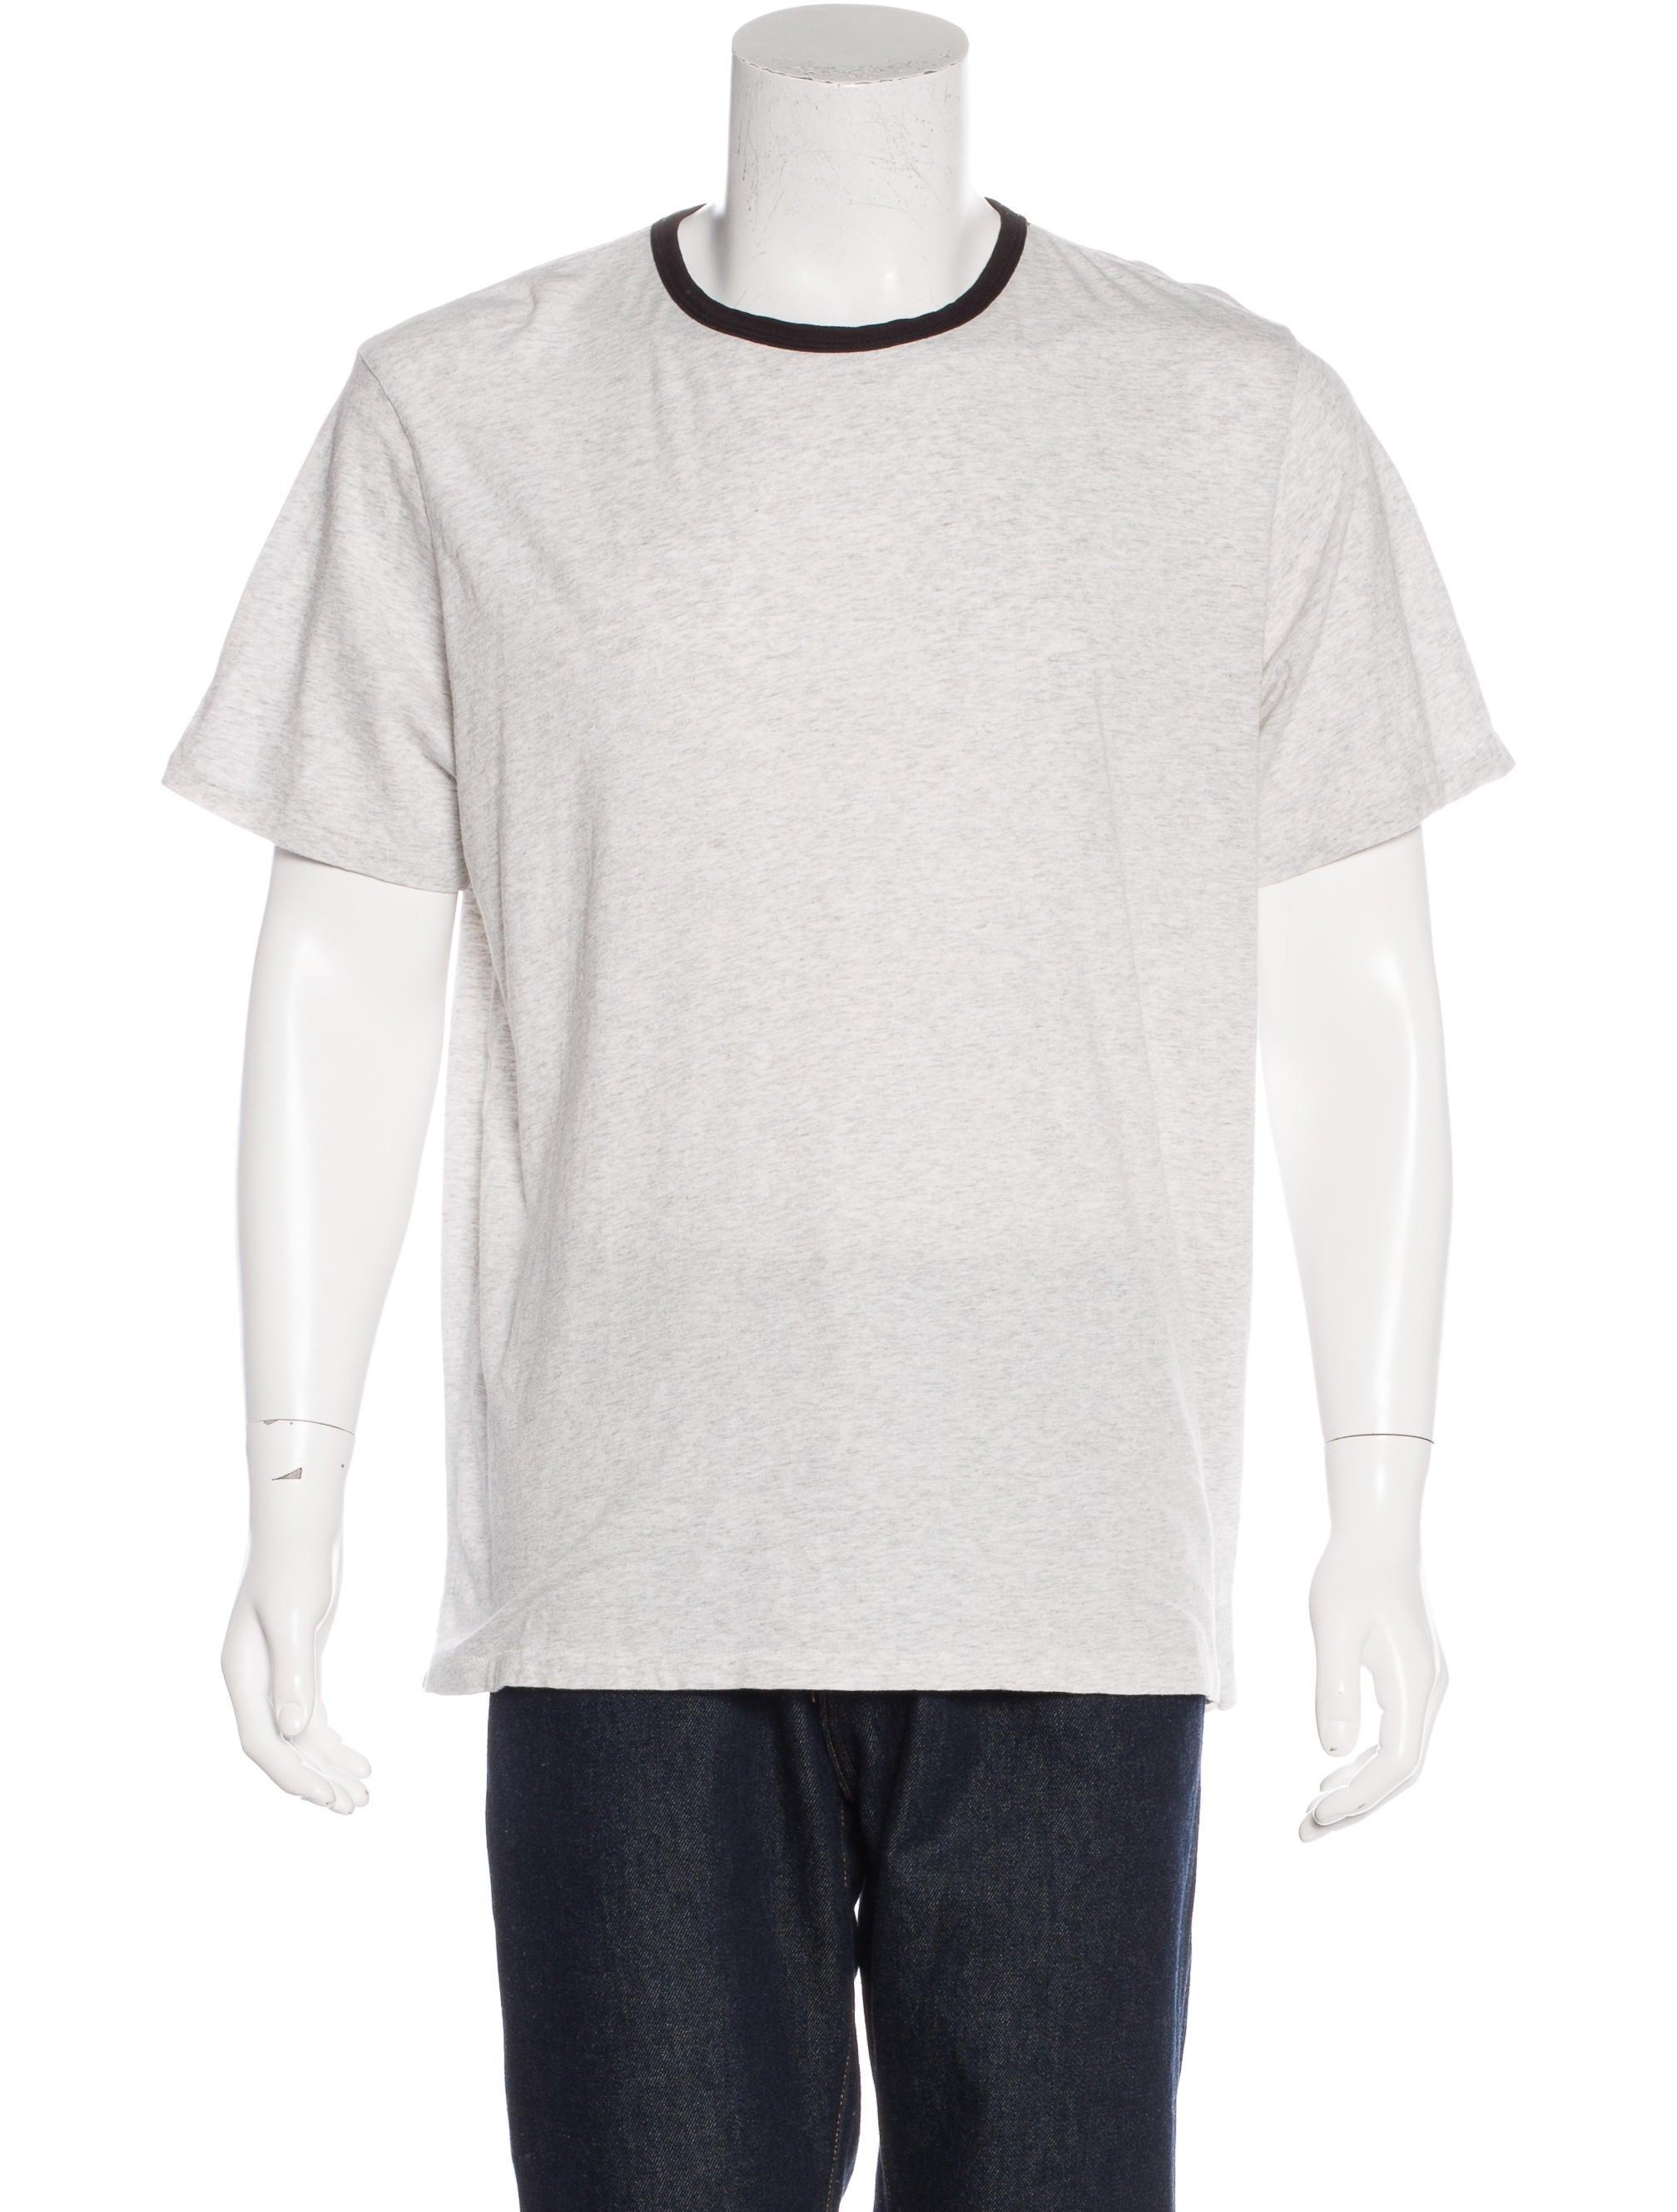 Rag Bone Heathered Short Sleeve T Shirt Clothing